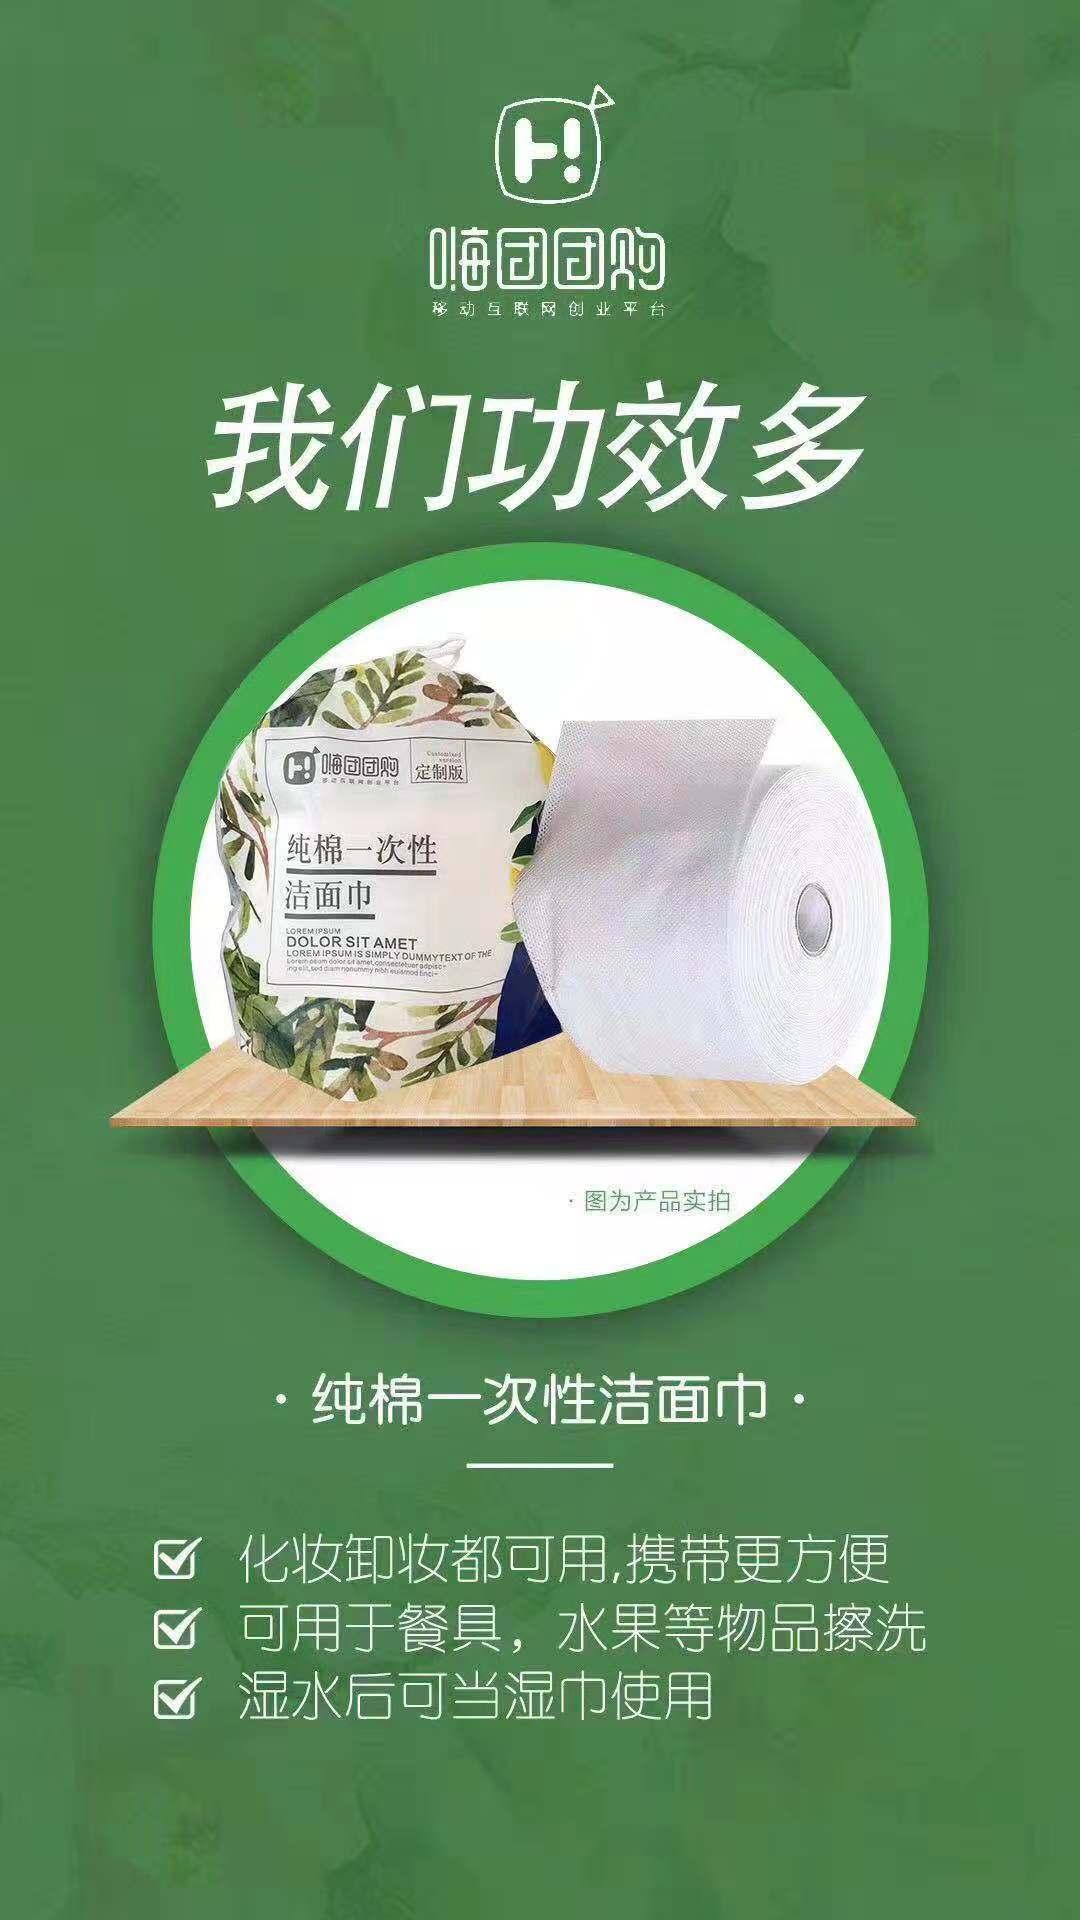 嗨团定制洁面巾2包95.jpg